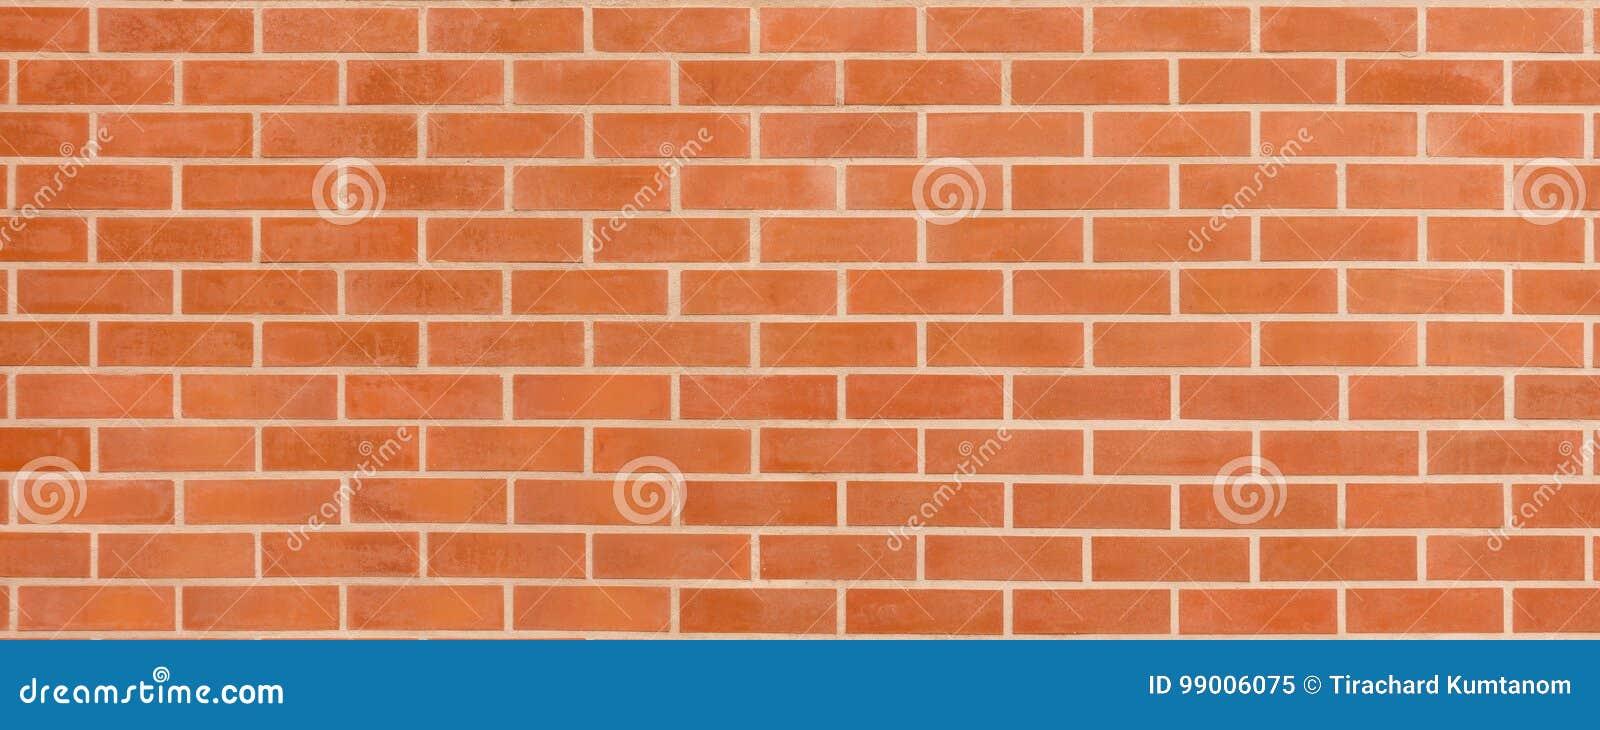 Pared de ladrillo rojo marrón del vintage con la estructura lamentable Fondo ancho horizontal del brickwall Textura sucia de la p